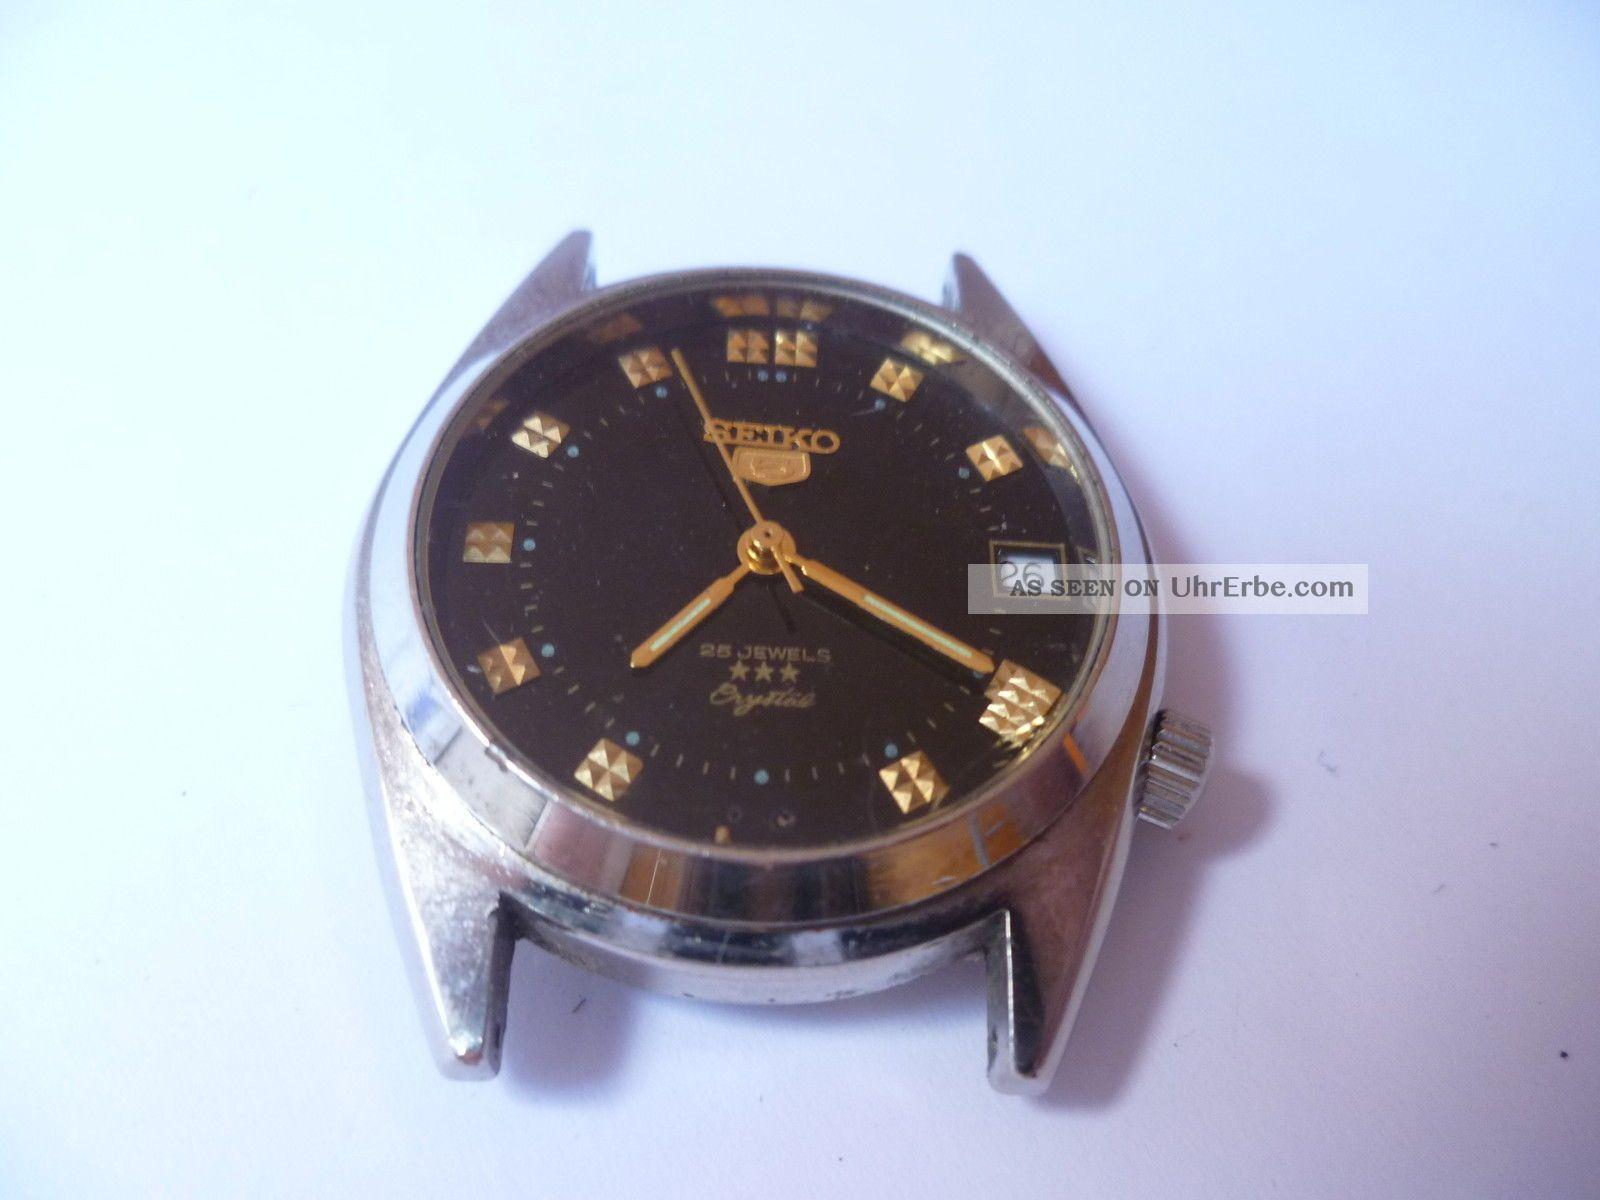 Seiko 5 Automatik Herrenuhr - Stahl/stahlband Muss Gereinigt Werden Händler 3878 Armbanduhren Bild